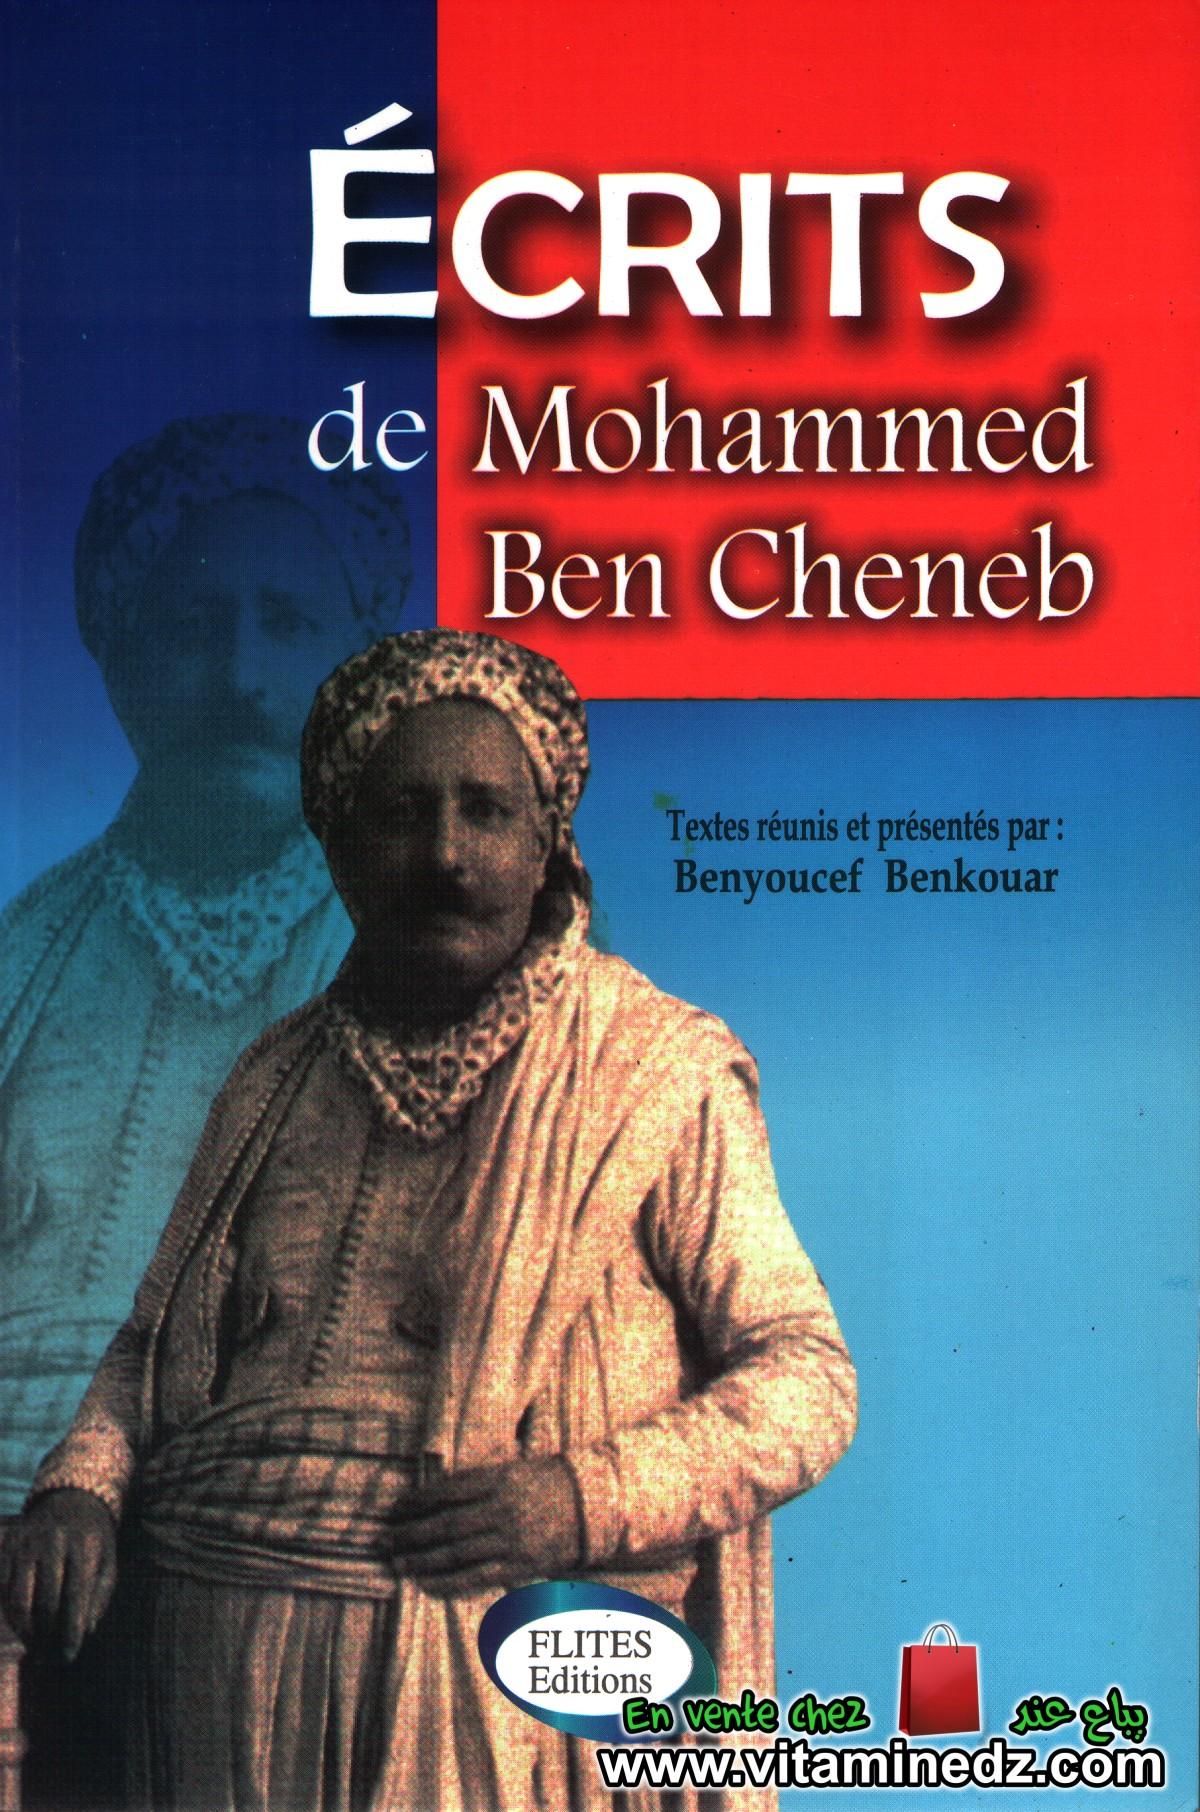 Benyoucef Benkouar - Ecrits de Mohammed Ben Cheneb